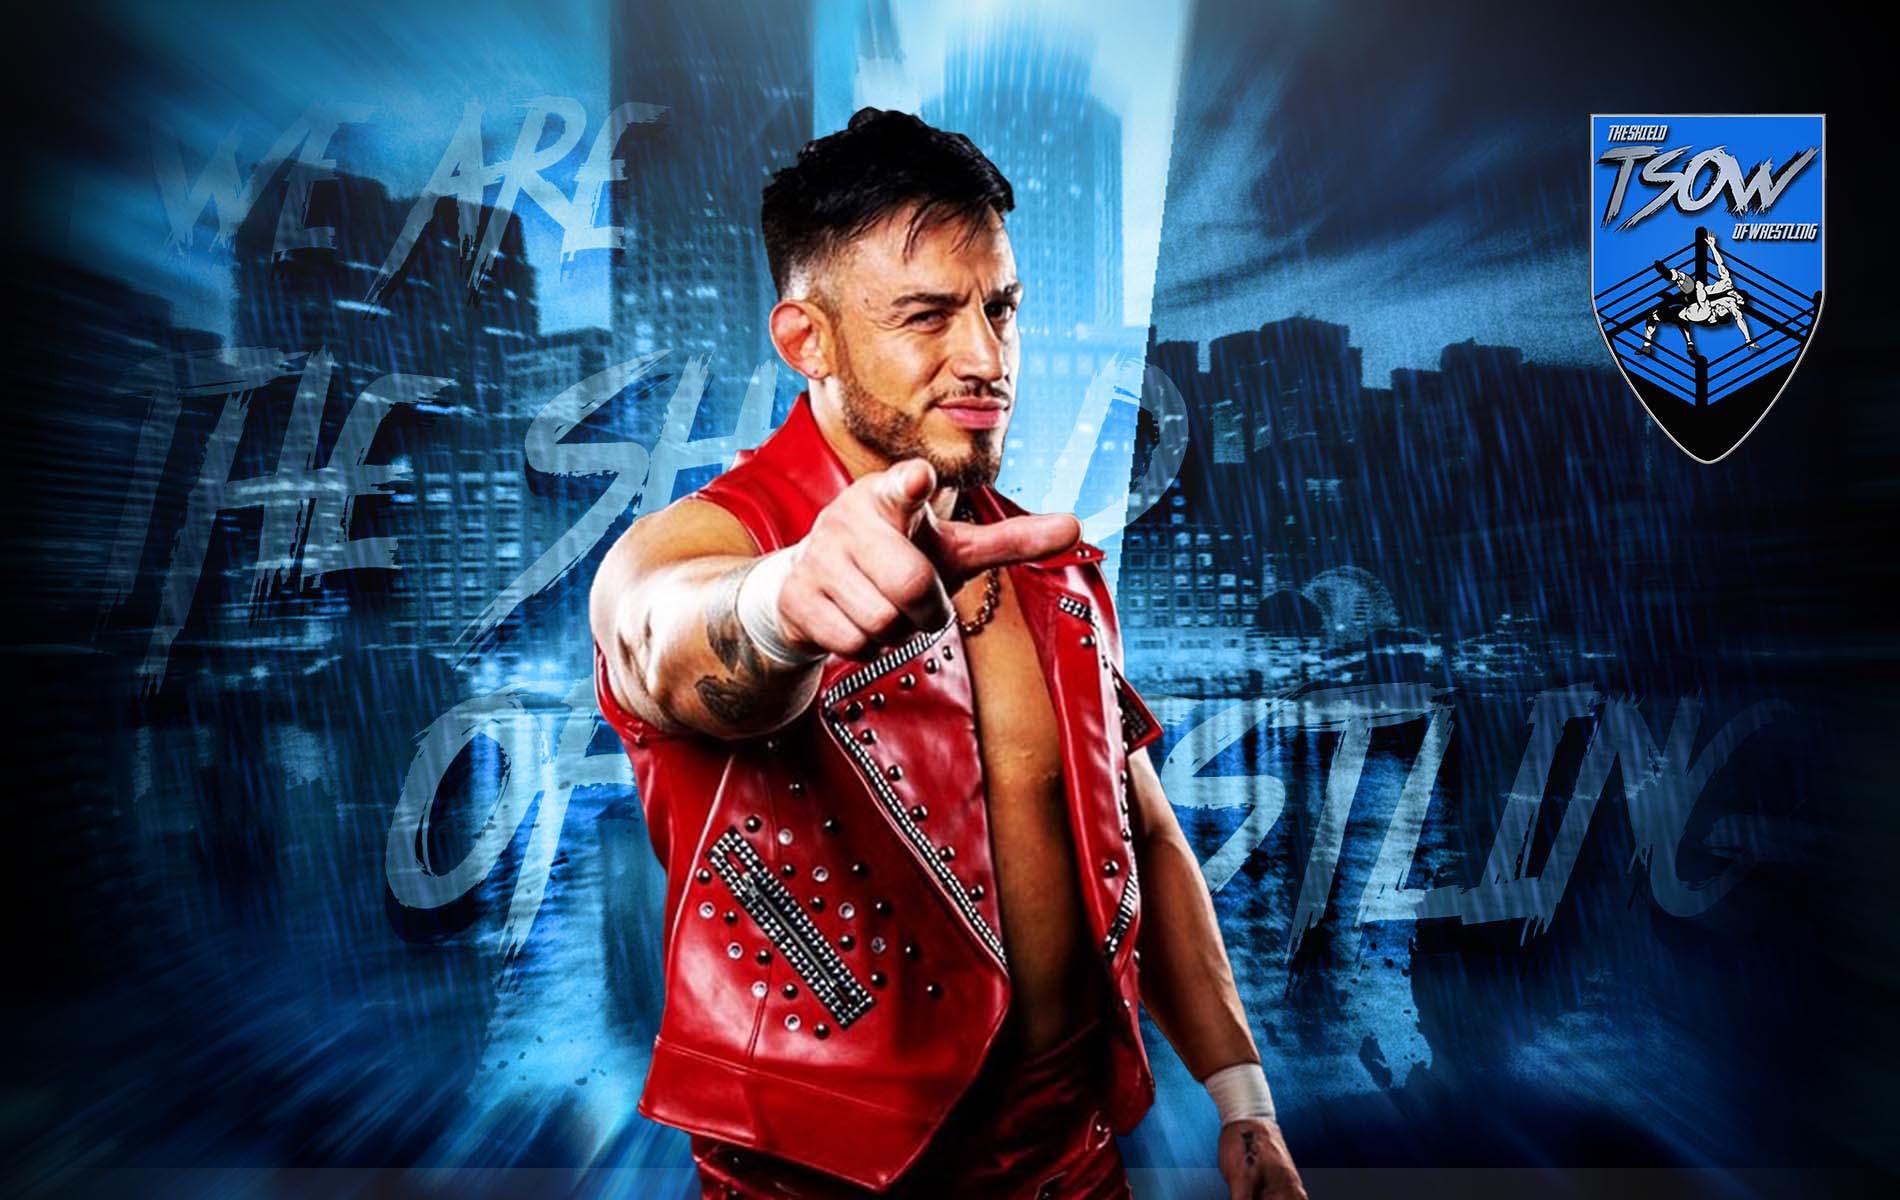 Daga: perché ha rinunciato all'AAA Latin American Title?